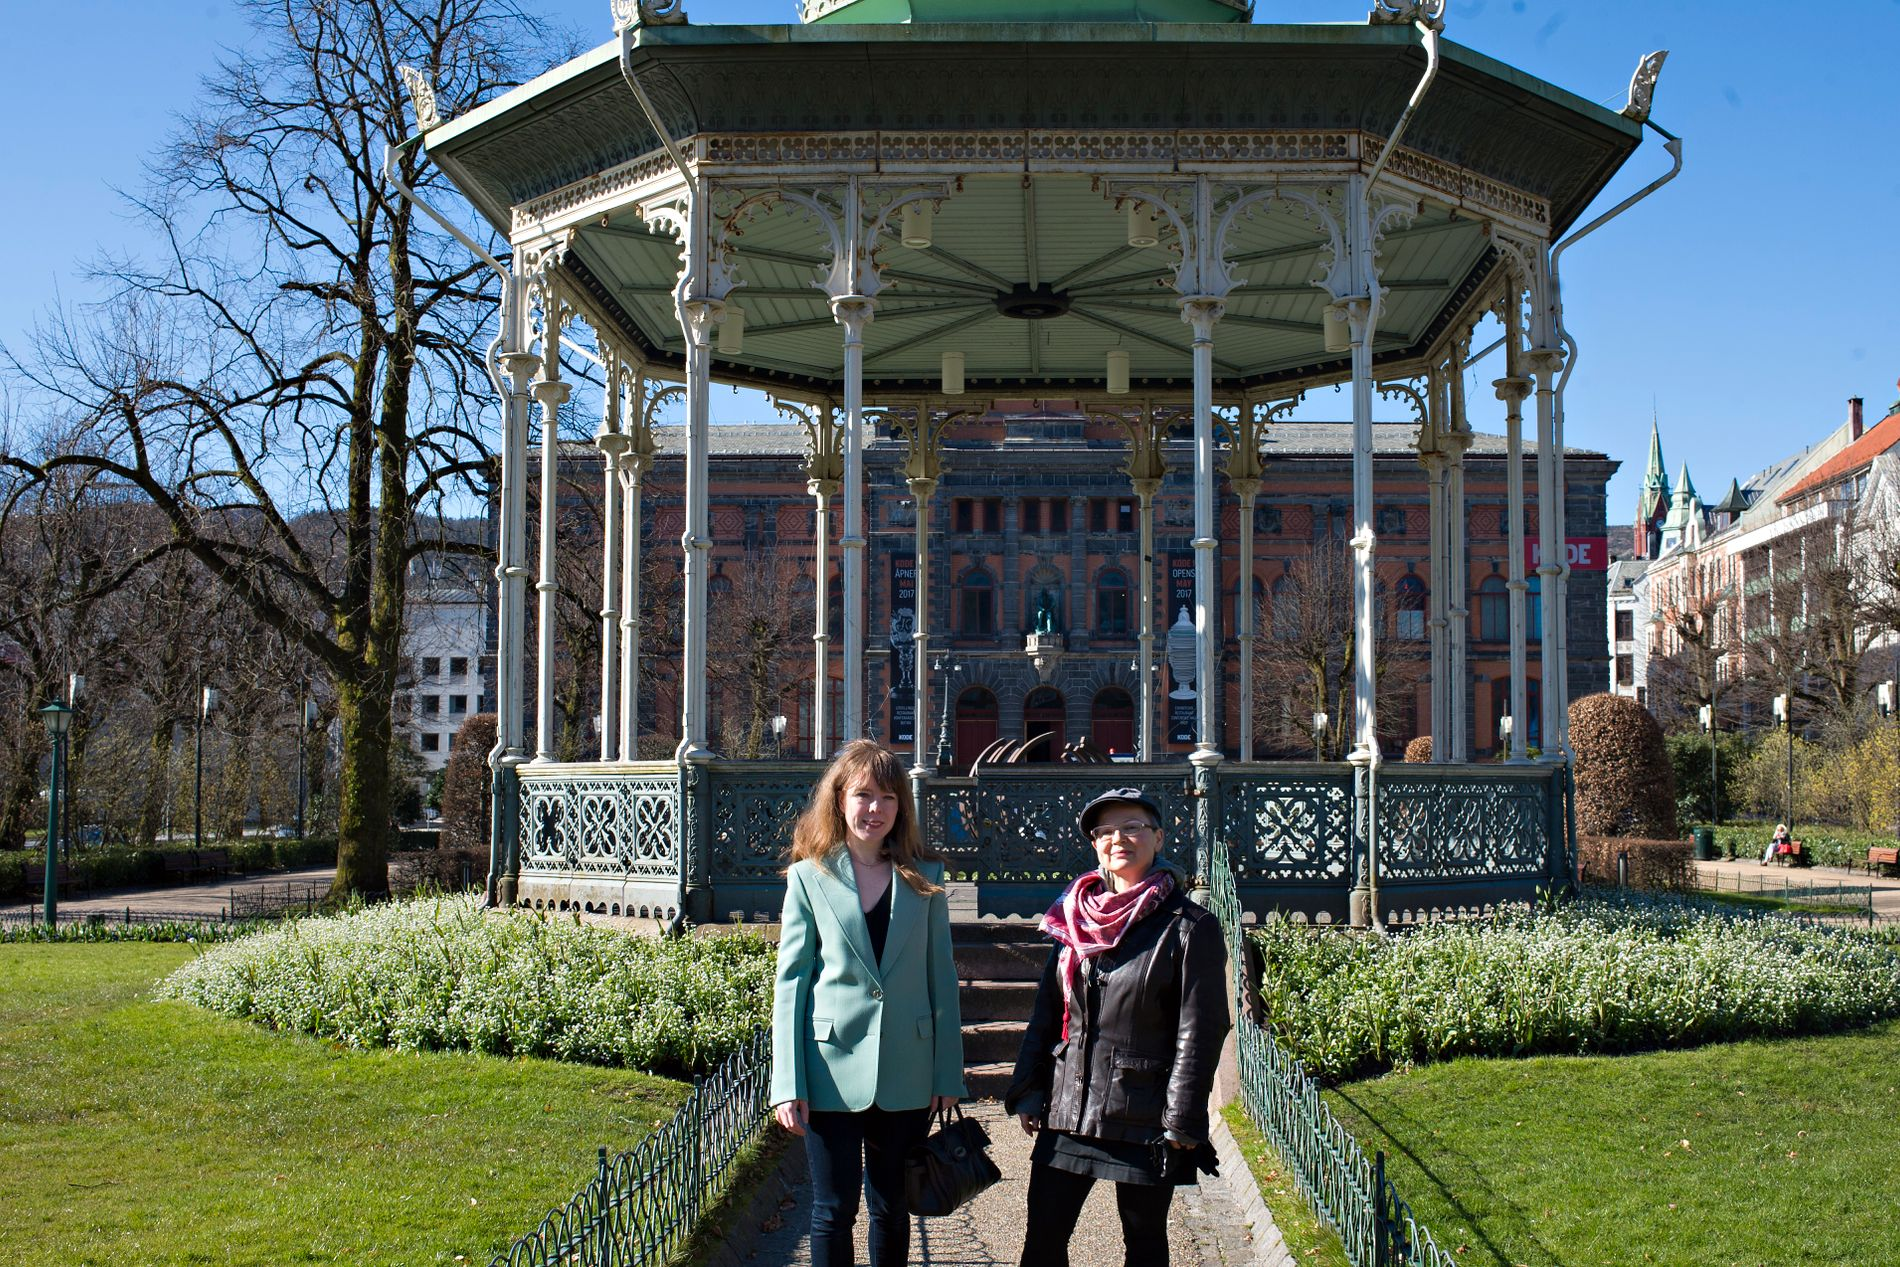 PROVOSERT: Heidi Jaeger og Rita Marhaug liker dårlig at Dronning Sonja skal åpne Kode 1 (Permanenten) med egen utstilling.